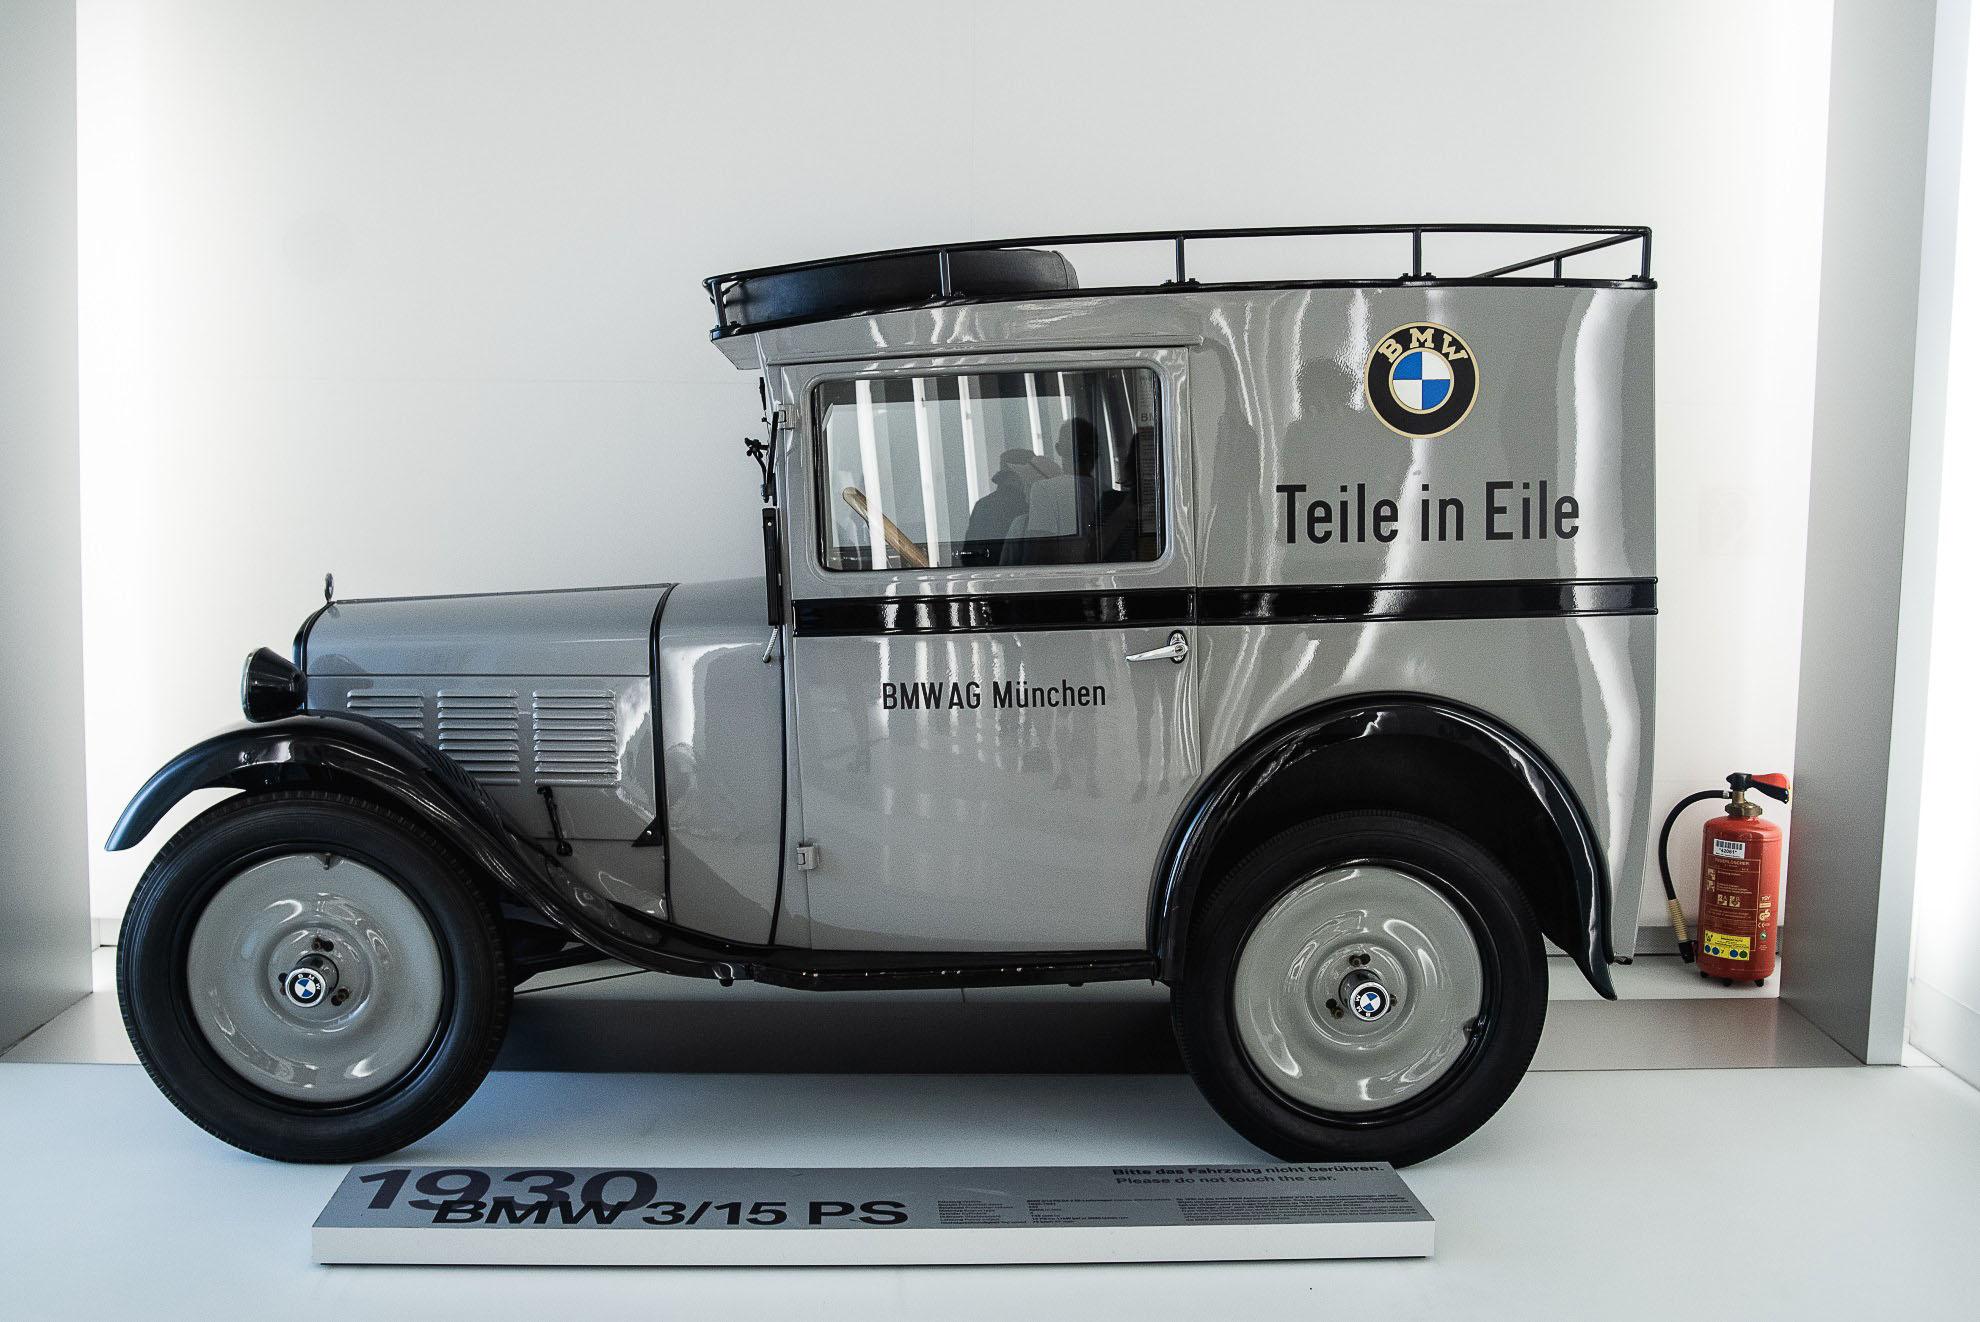 BMW 3/15 PS w Muzeum BMW w Monachium